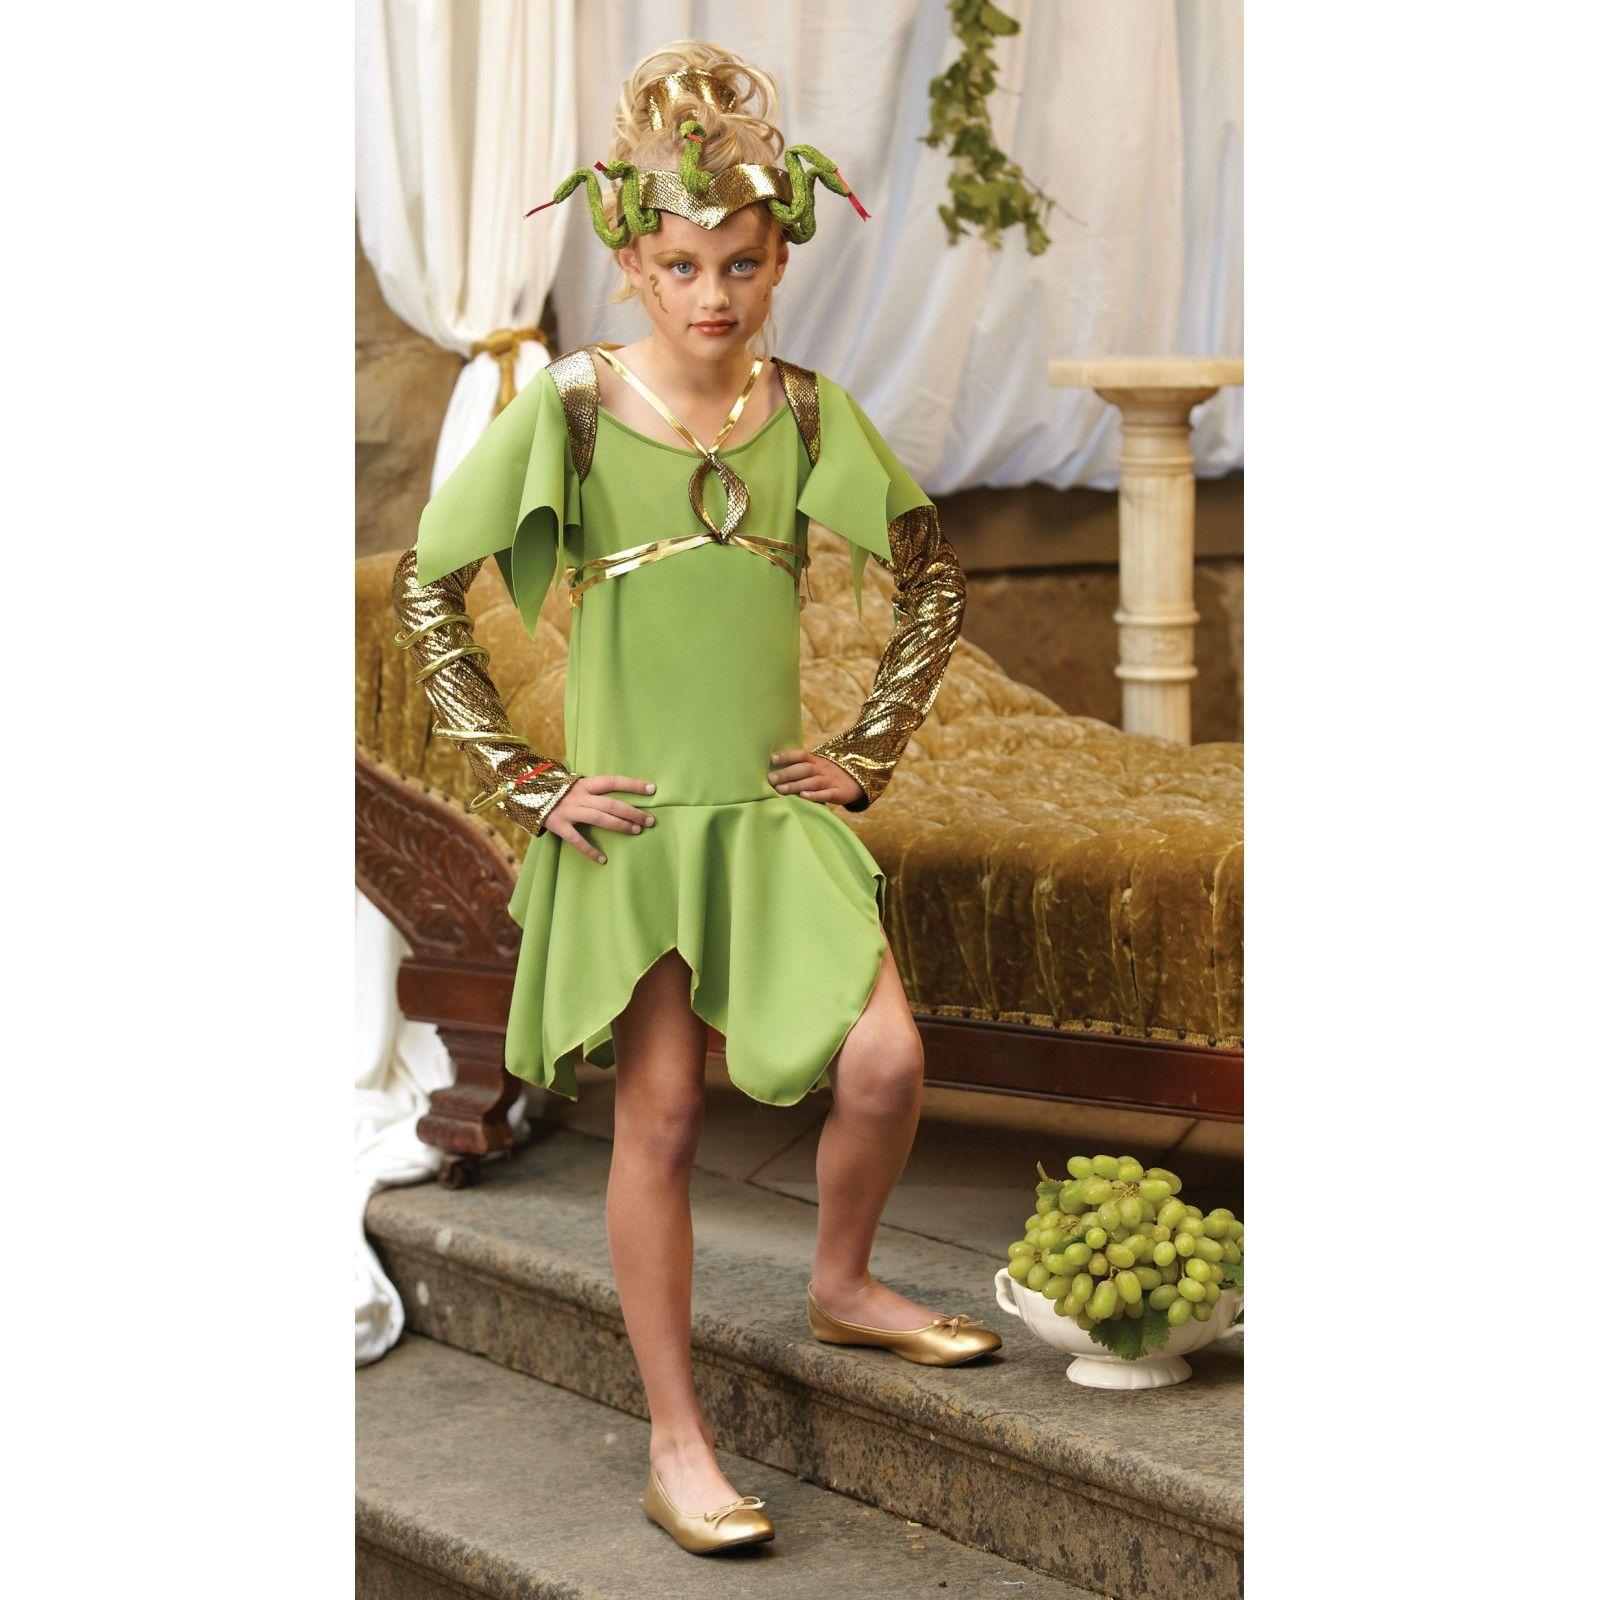 medusa kids costume 801419 - Medusa Halloween Costume Kids